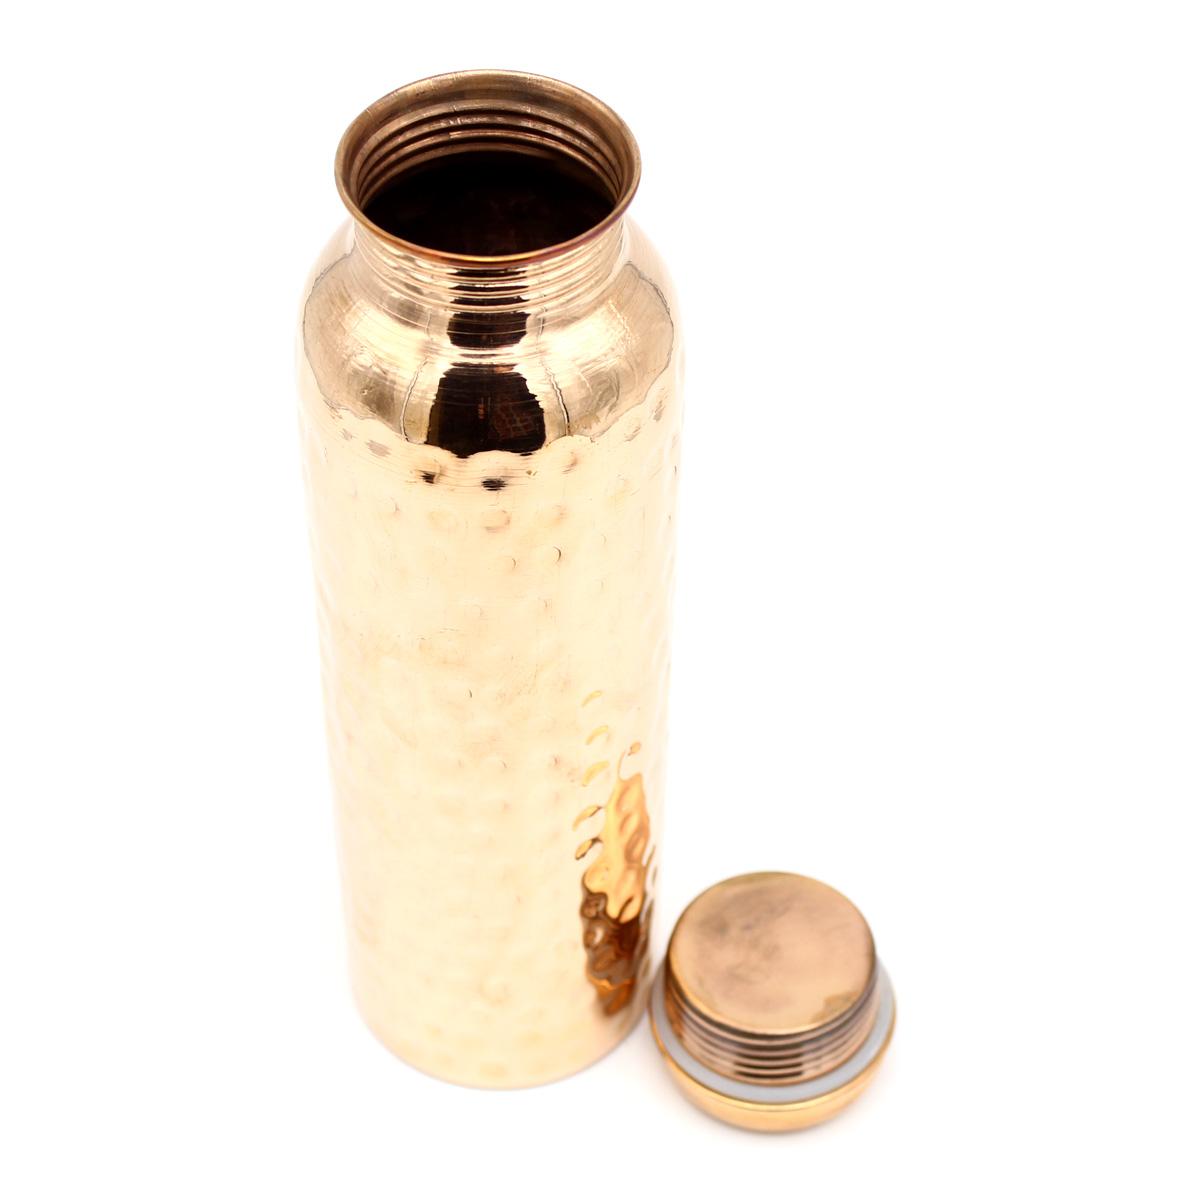 Медный термос, 1 л, чеканка, каучуковая прокладка